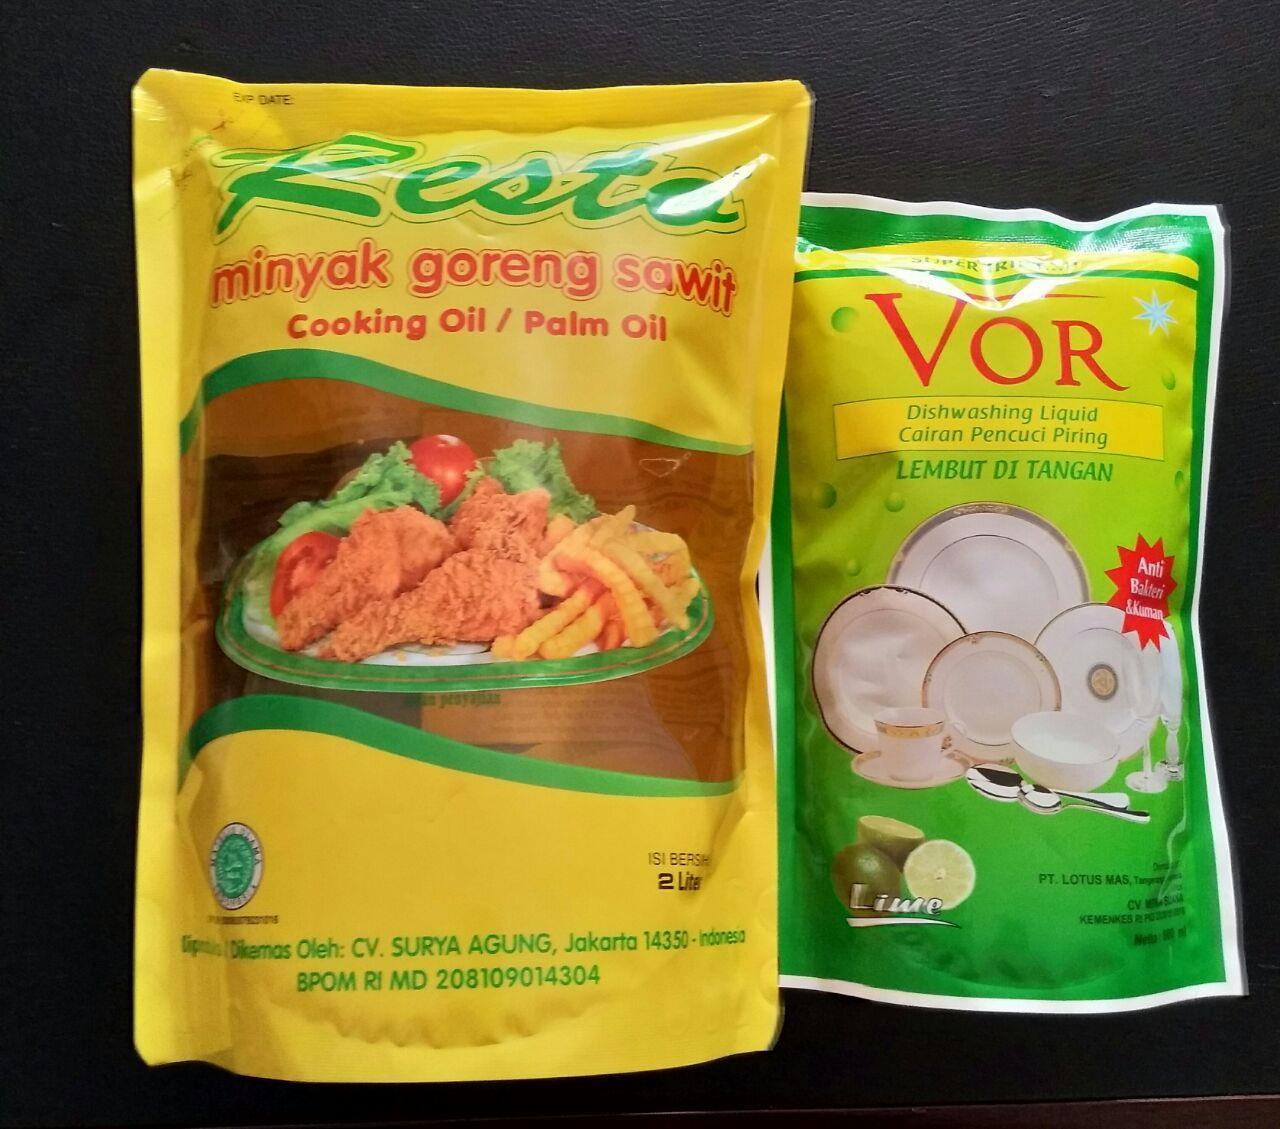 Jual Minyak Goreng Harga Murah Terbaik Dan Terlengkap Bimoli 1 Dus 2 Liter Paket Hemat2